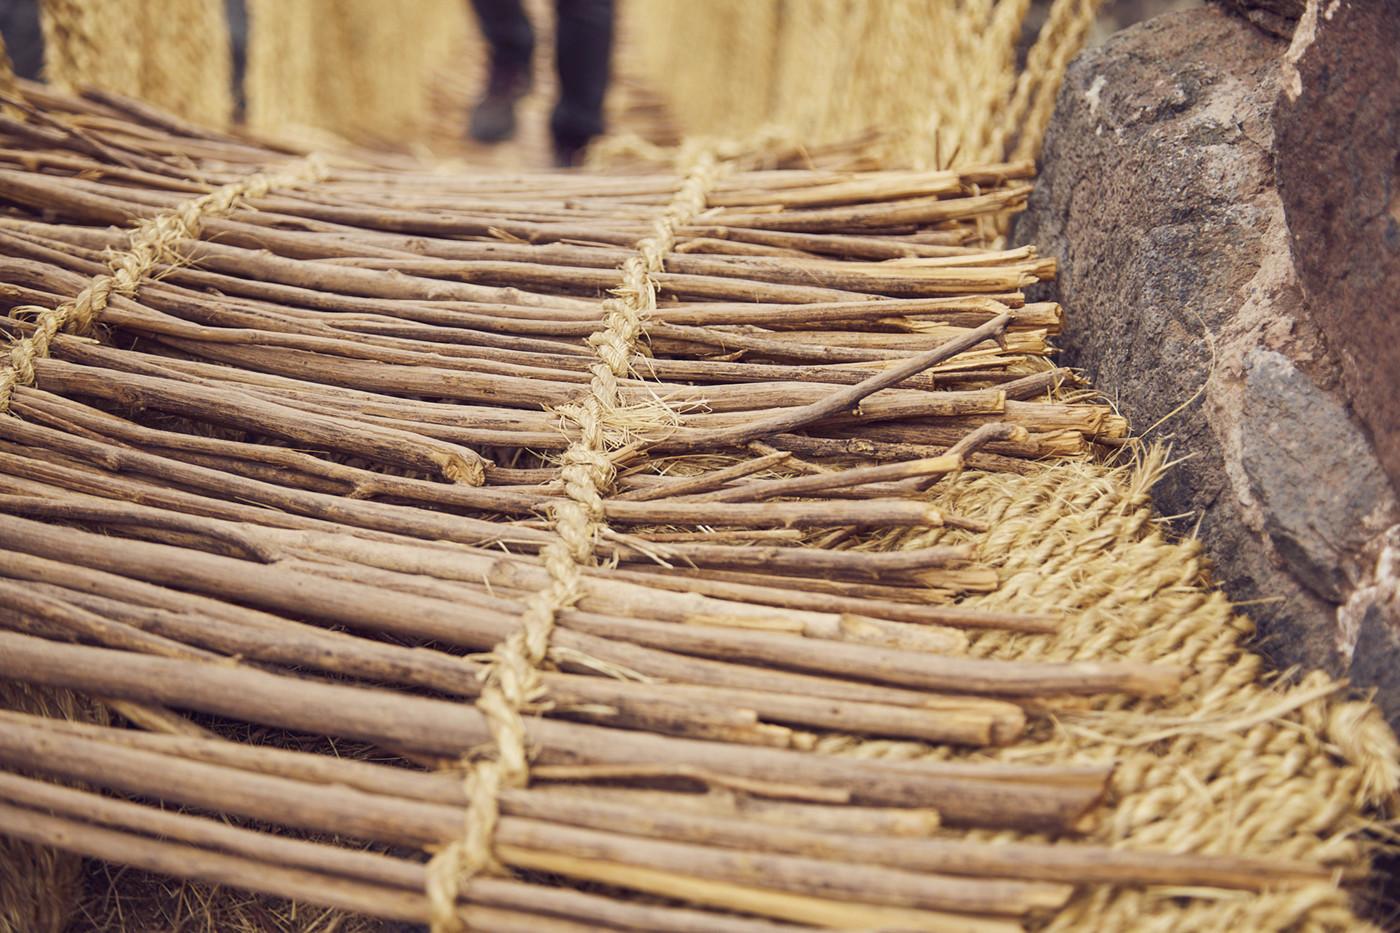 Gefertigt aus Stroh und Gras, ineinander verflochten: Das ist auch der Boden der Grasbrücke in Peru